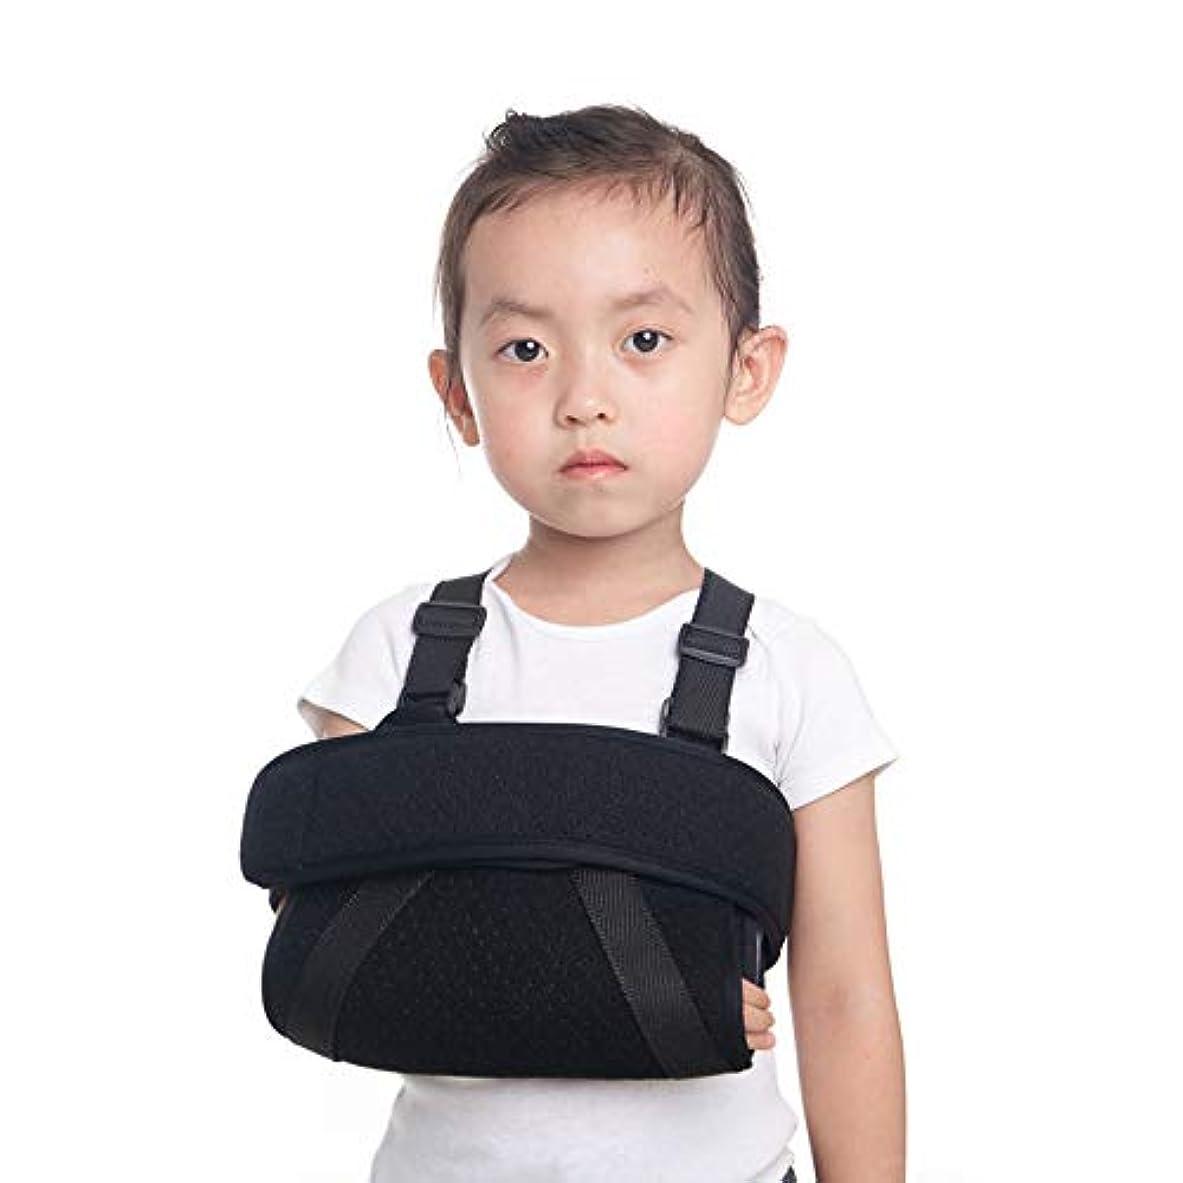 キッズフラクチャリングスリング、アームエルボーフラクチャ固定ブレース、6-10歳の子供の 手首脱臼保護サポート,S